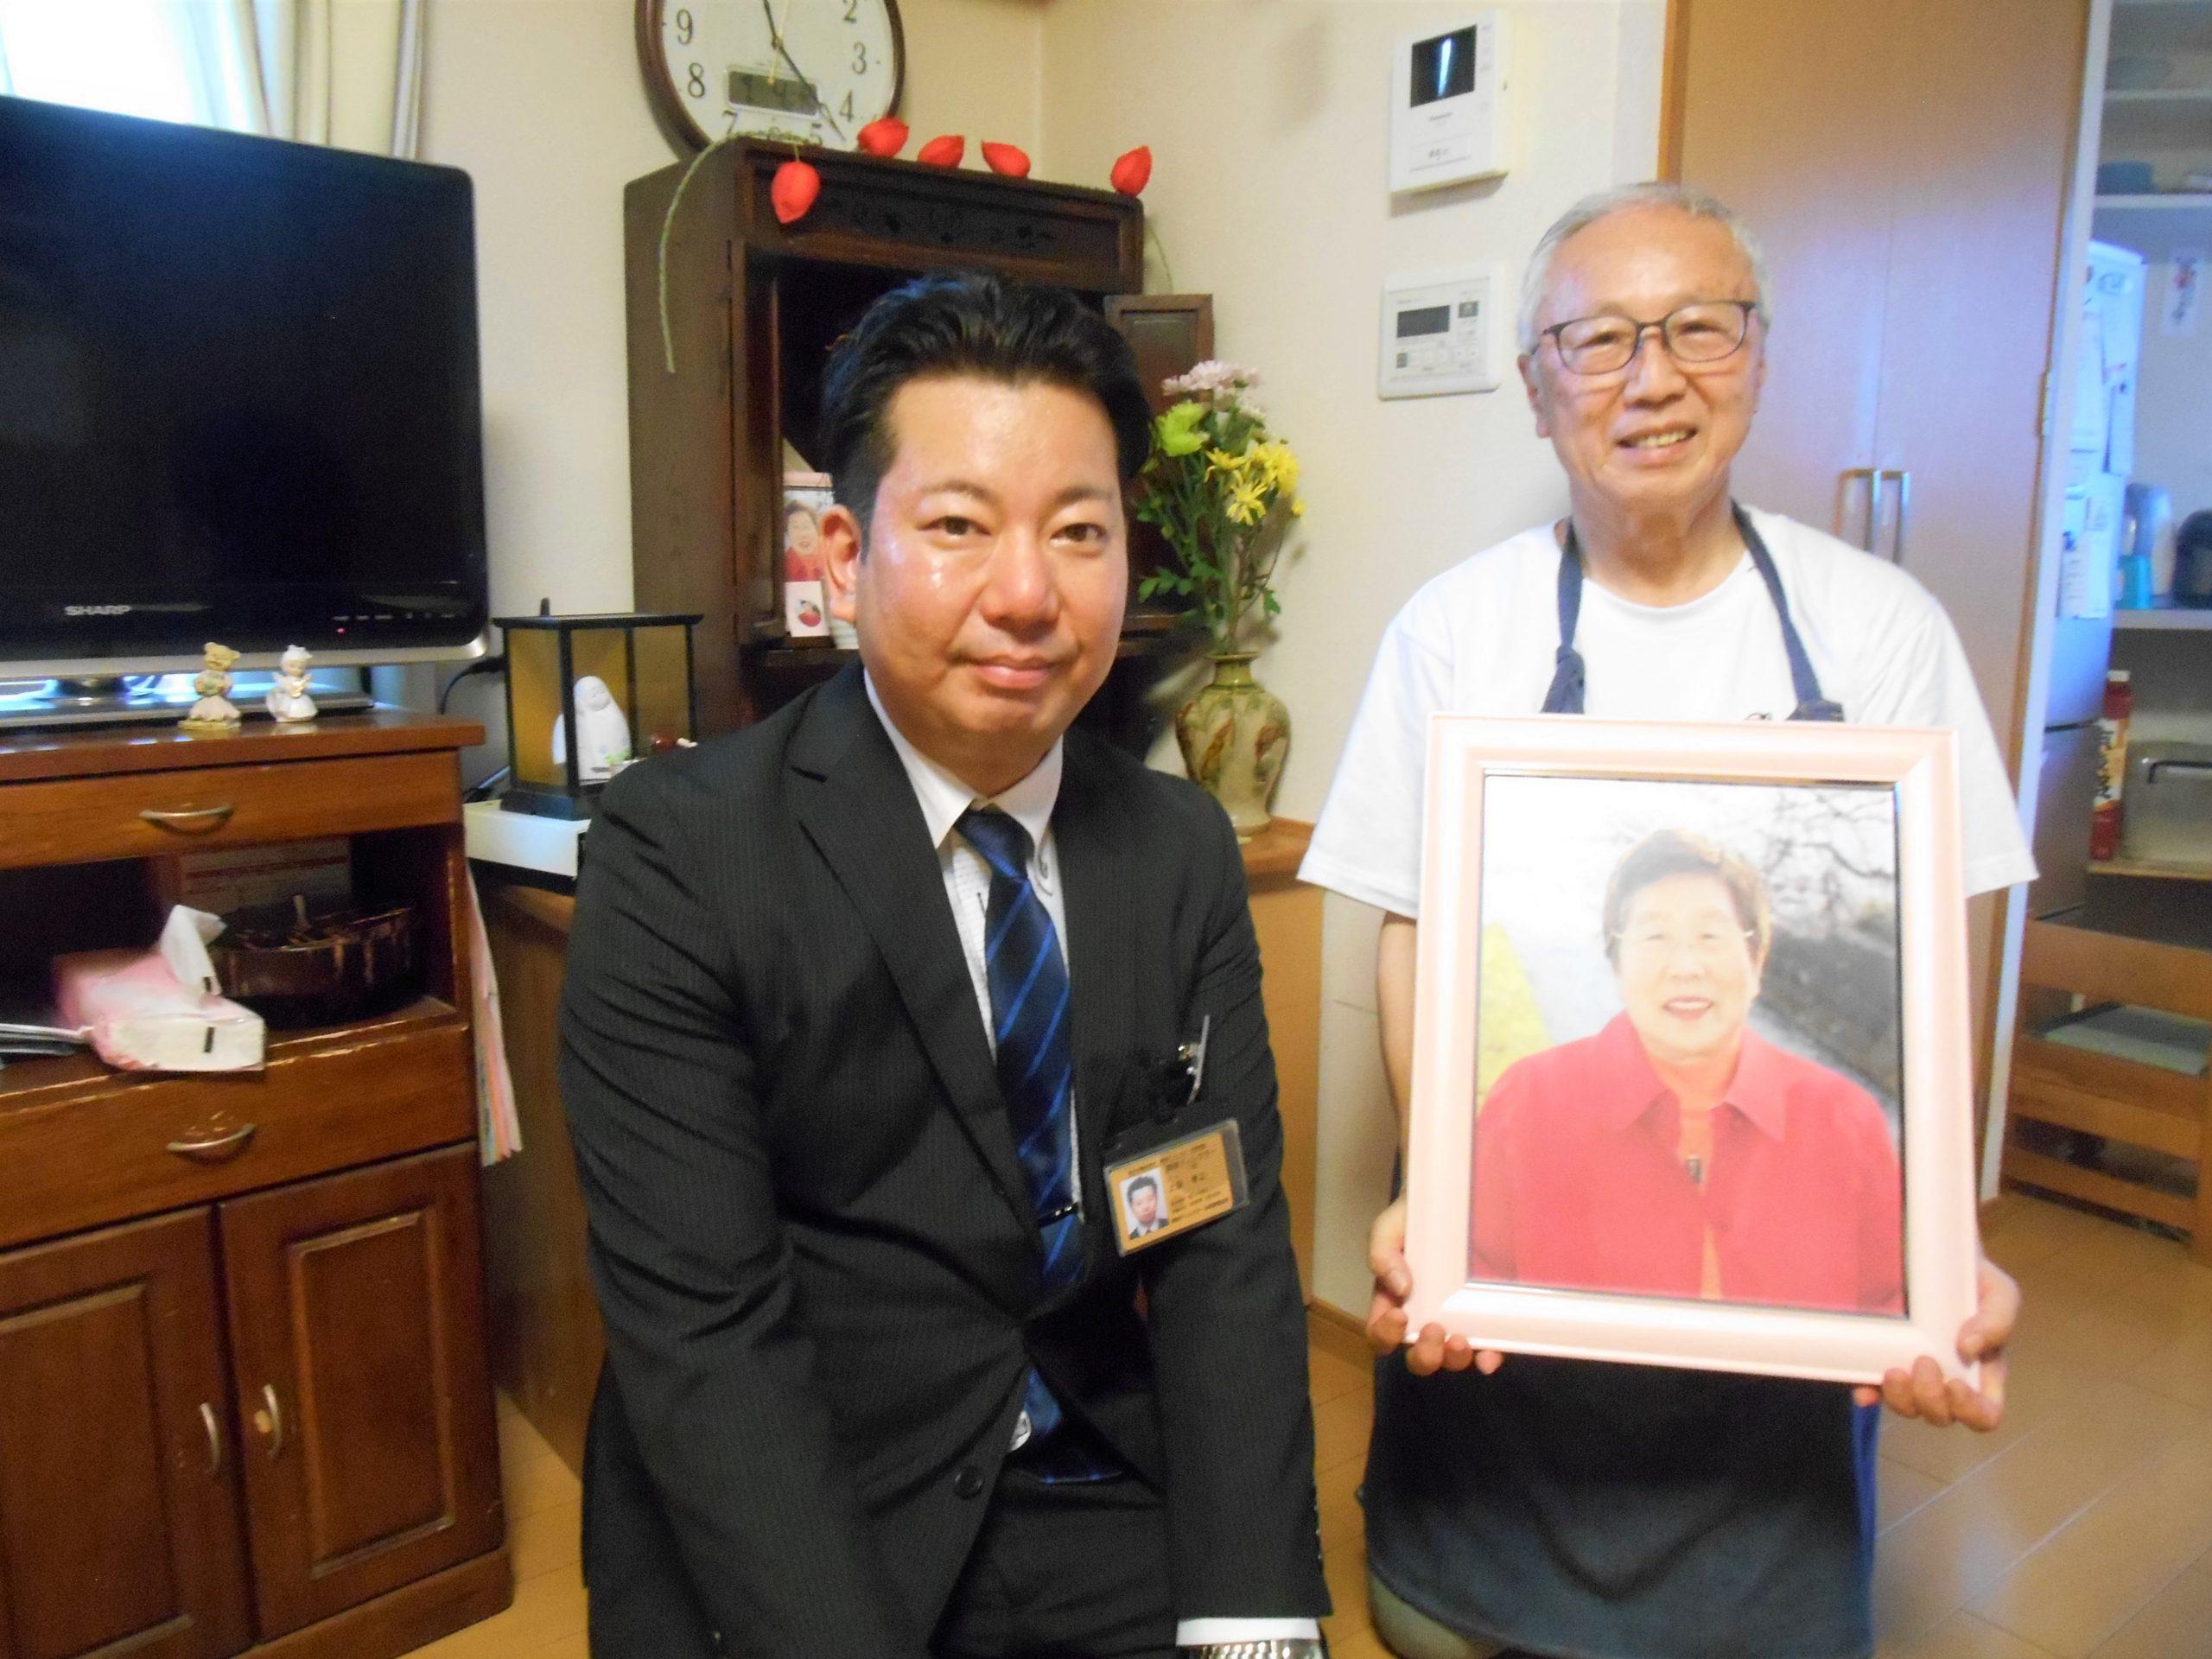 グローバルケアの葬儀をご利用いただいたお客様からの声:須田様